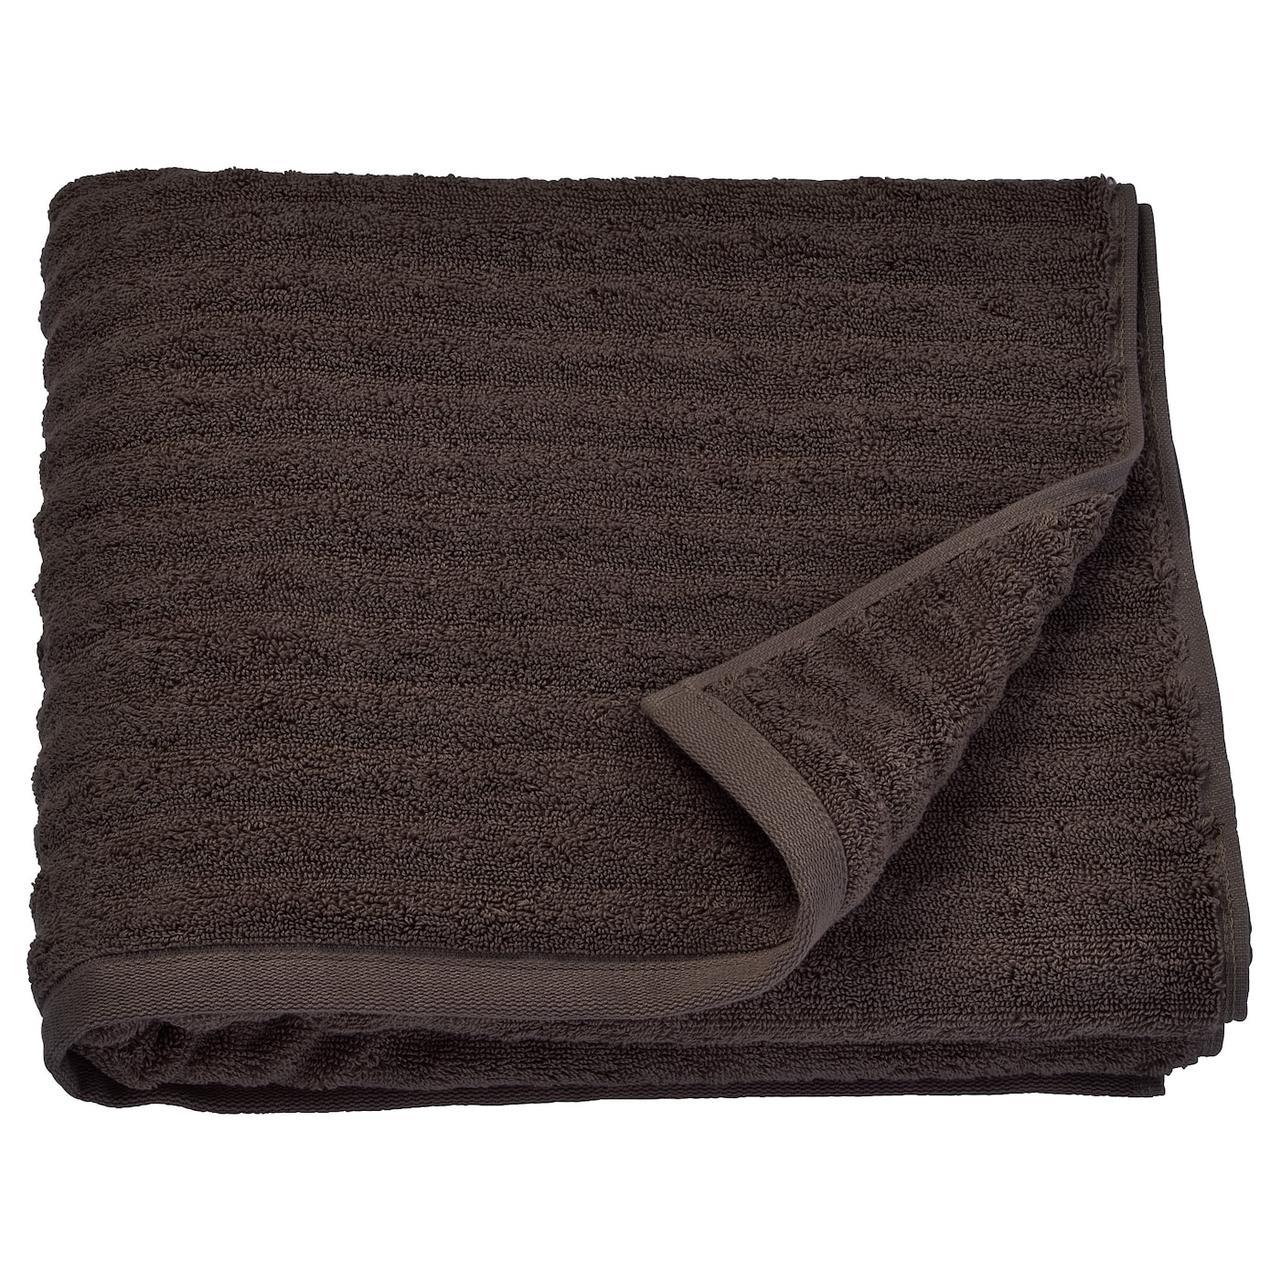 IKEA FLODALEN Банное полотенце, 70x140 см